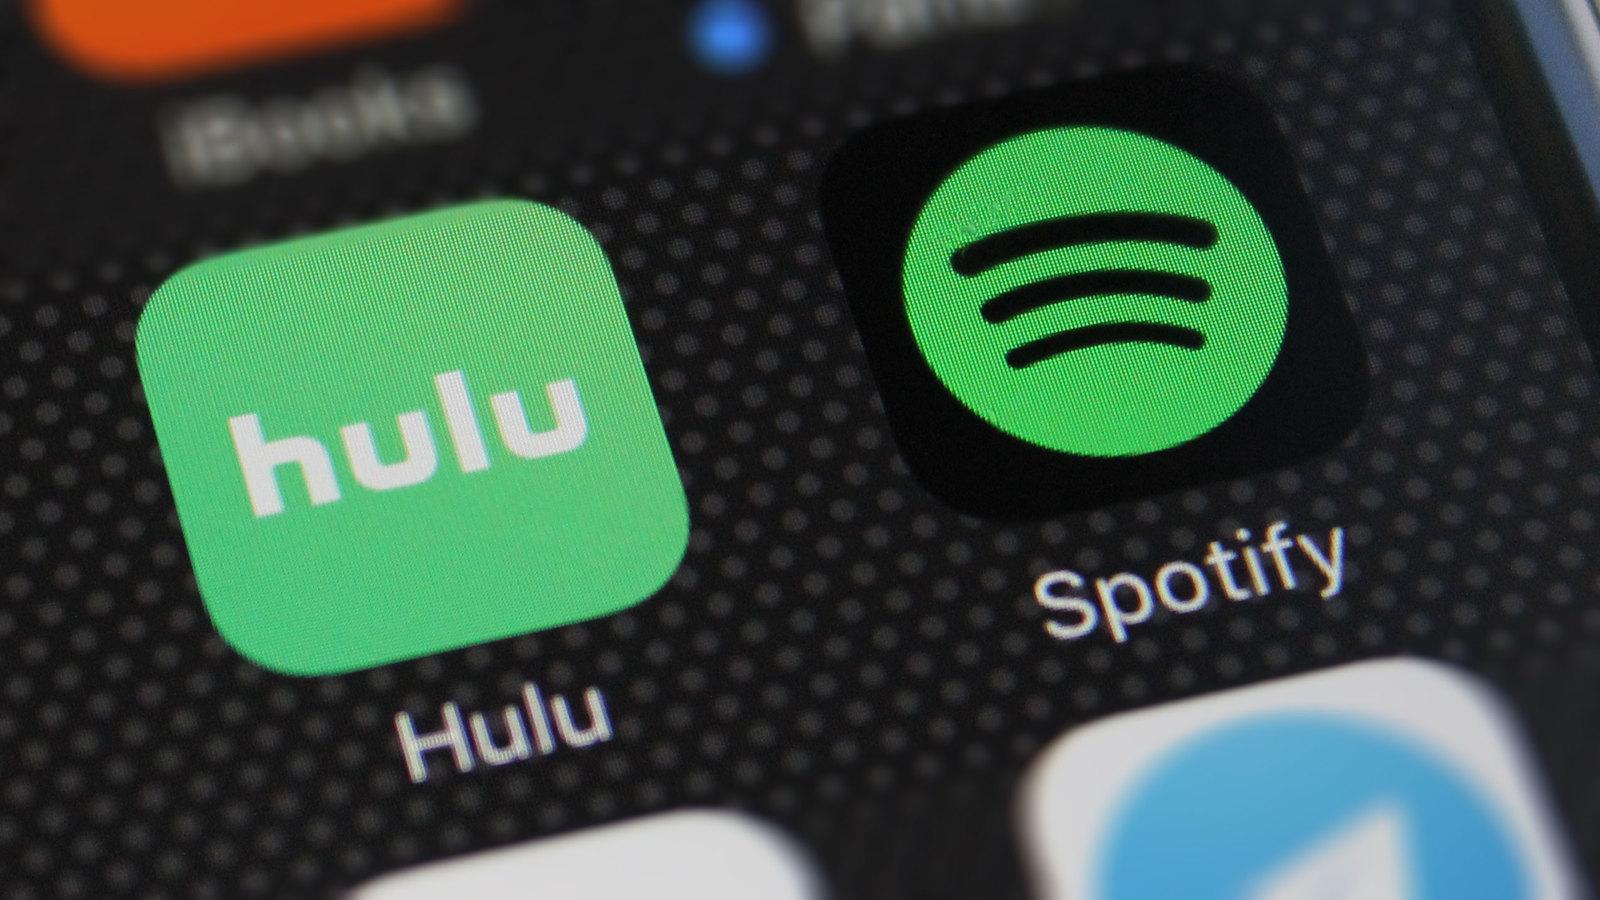 Spotify + Hulu 組合包推出 102 元暢遊兩大平台